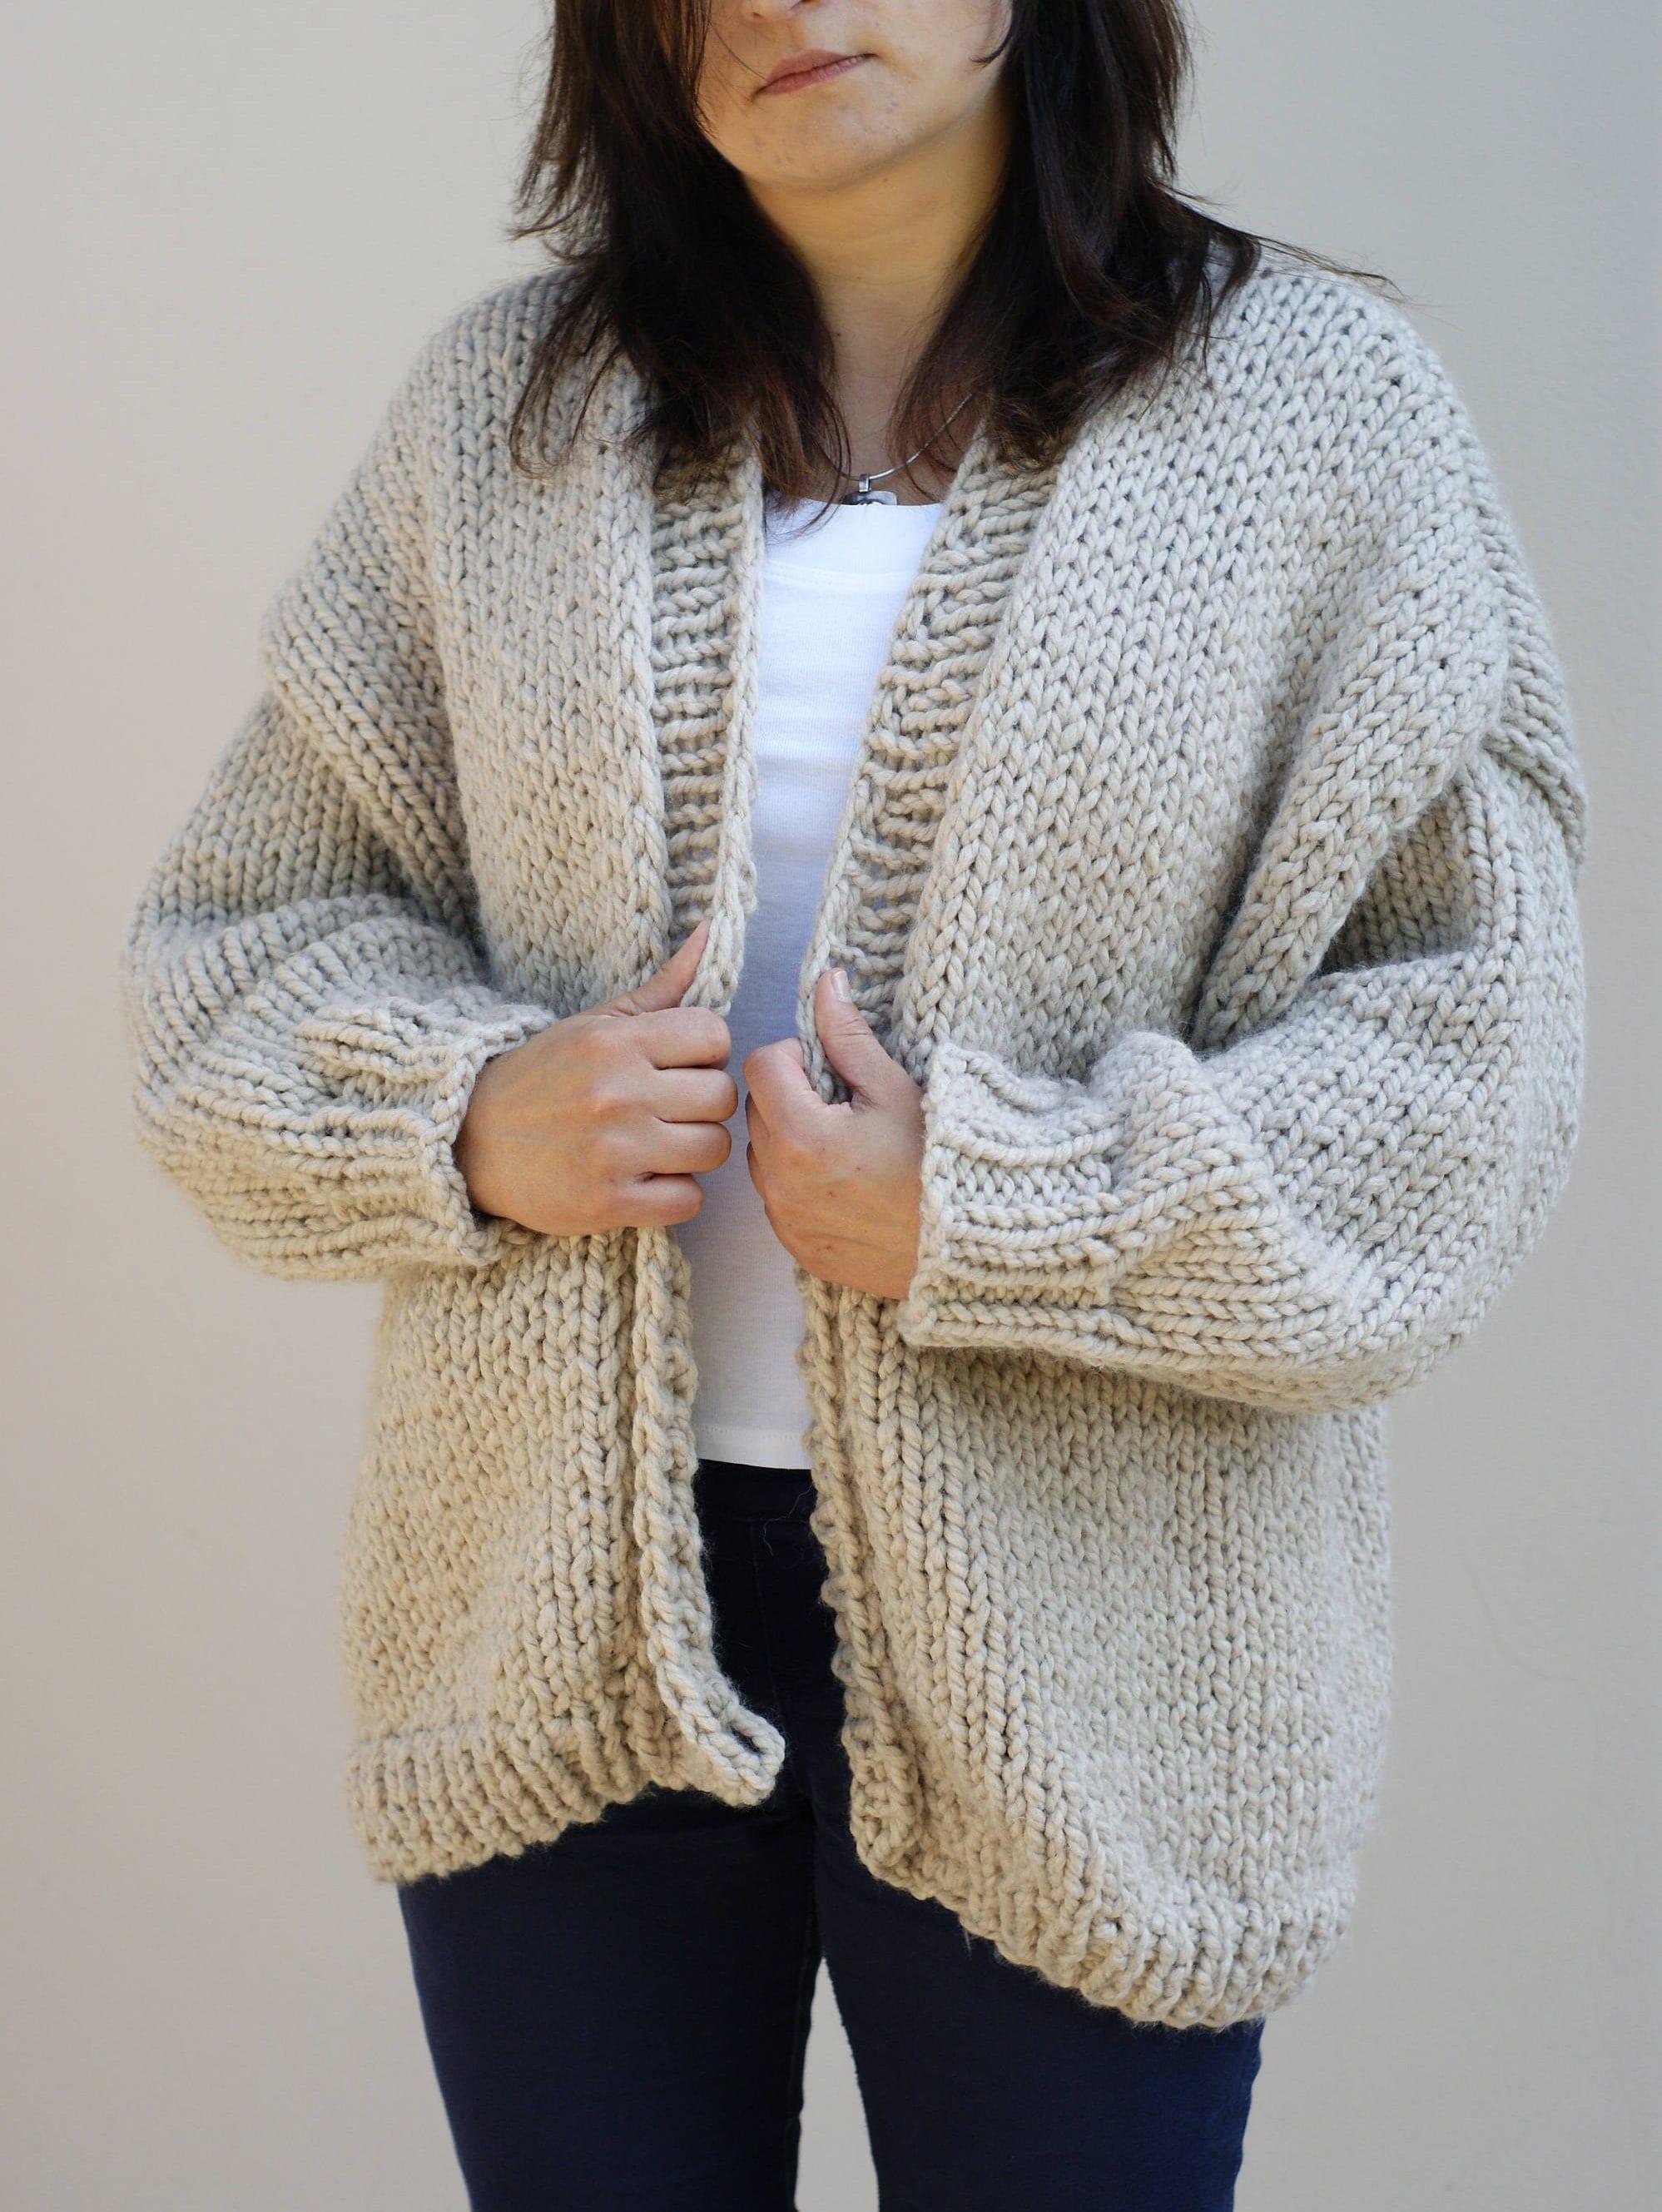 gilet en tricot grosse cardigan oversized laine en tricot. Black Bedroom Furniture Sets. Home Design Ideas